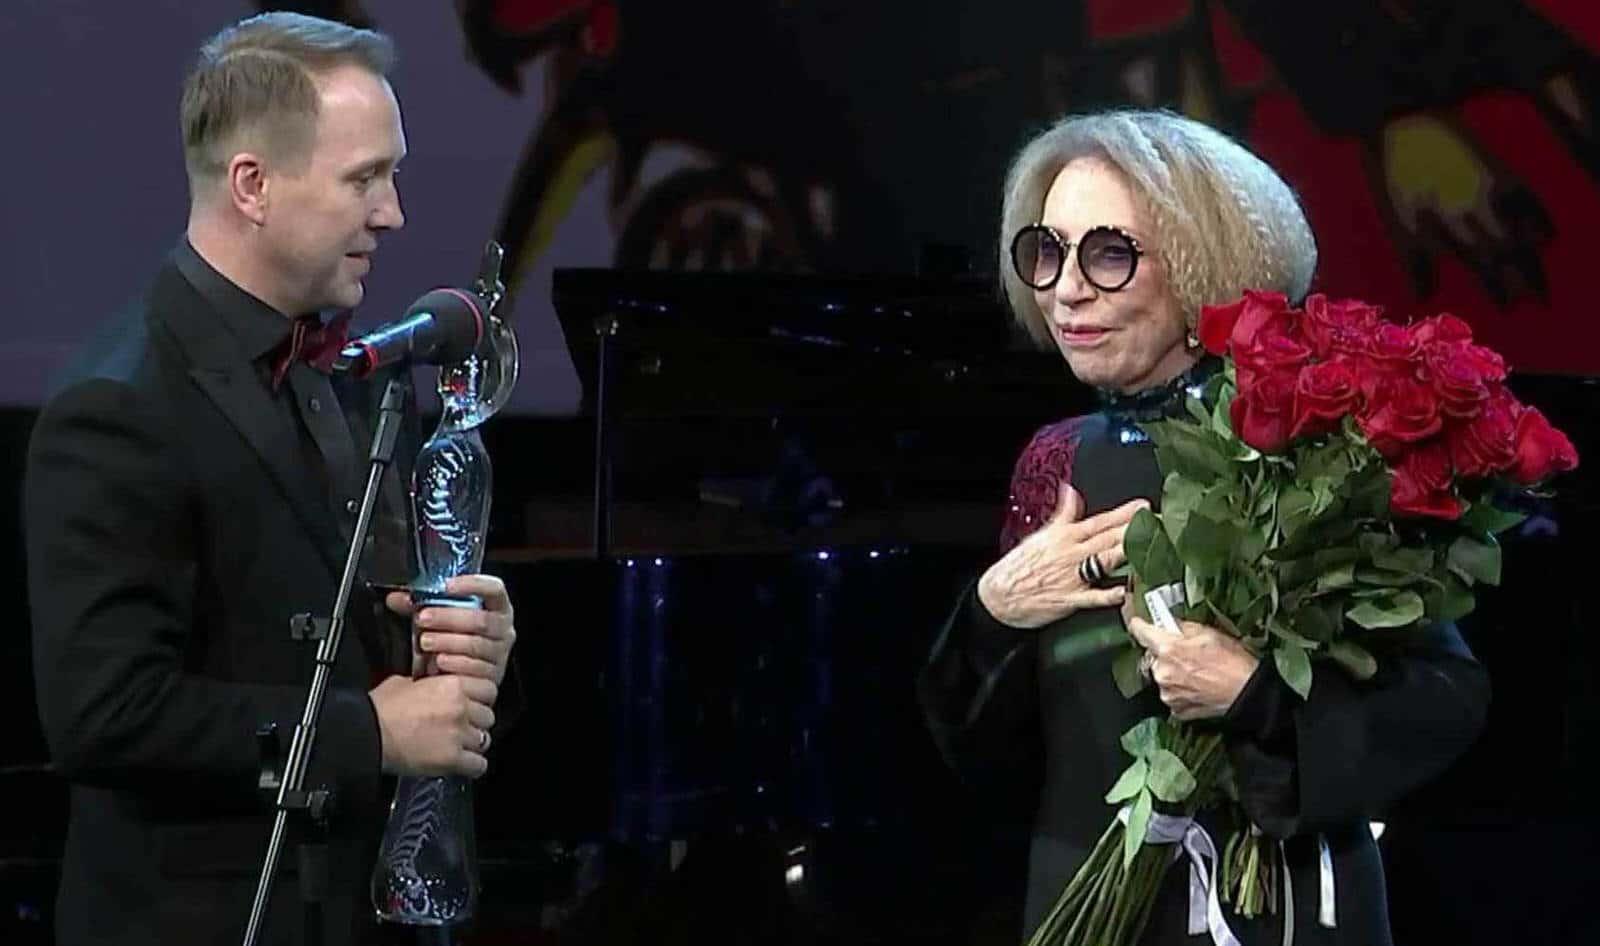 Бал «Хрустальная Турандот» в честь Инны Чуриковой в Москве